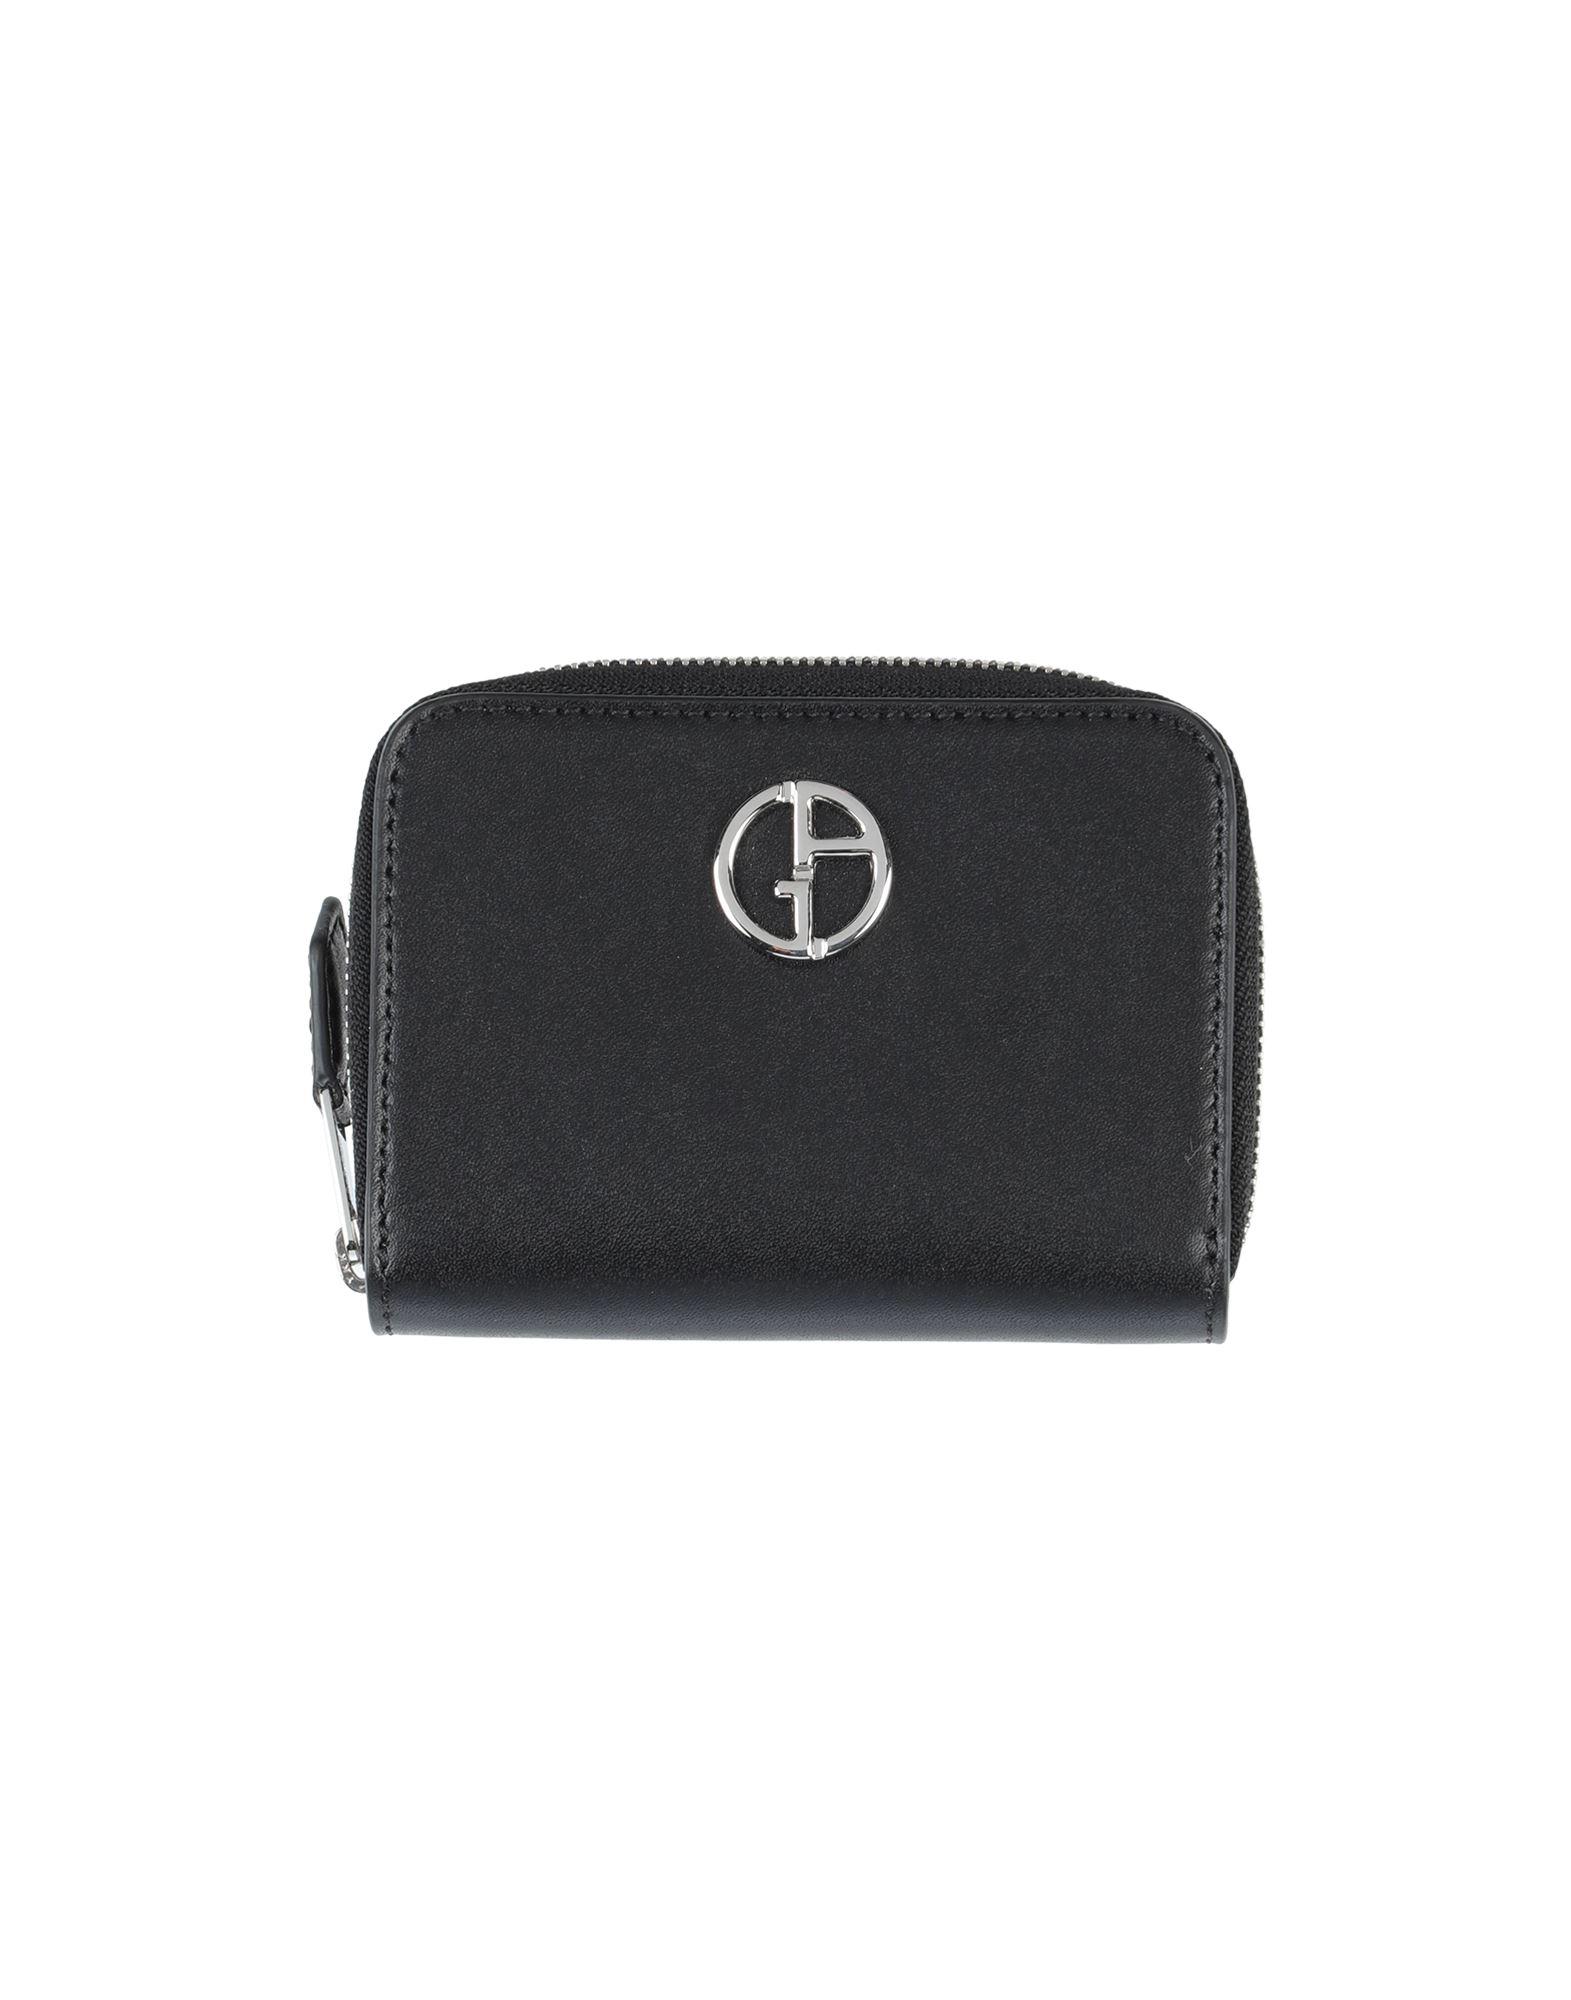 GIORGIO ARMANI Coin purses - Item 46733060